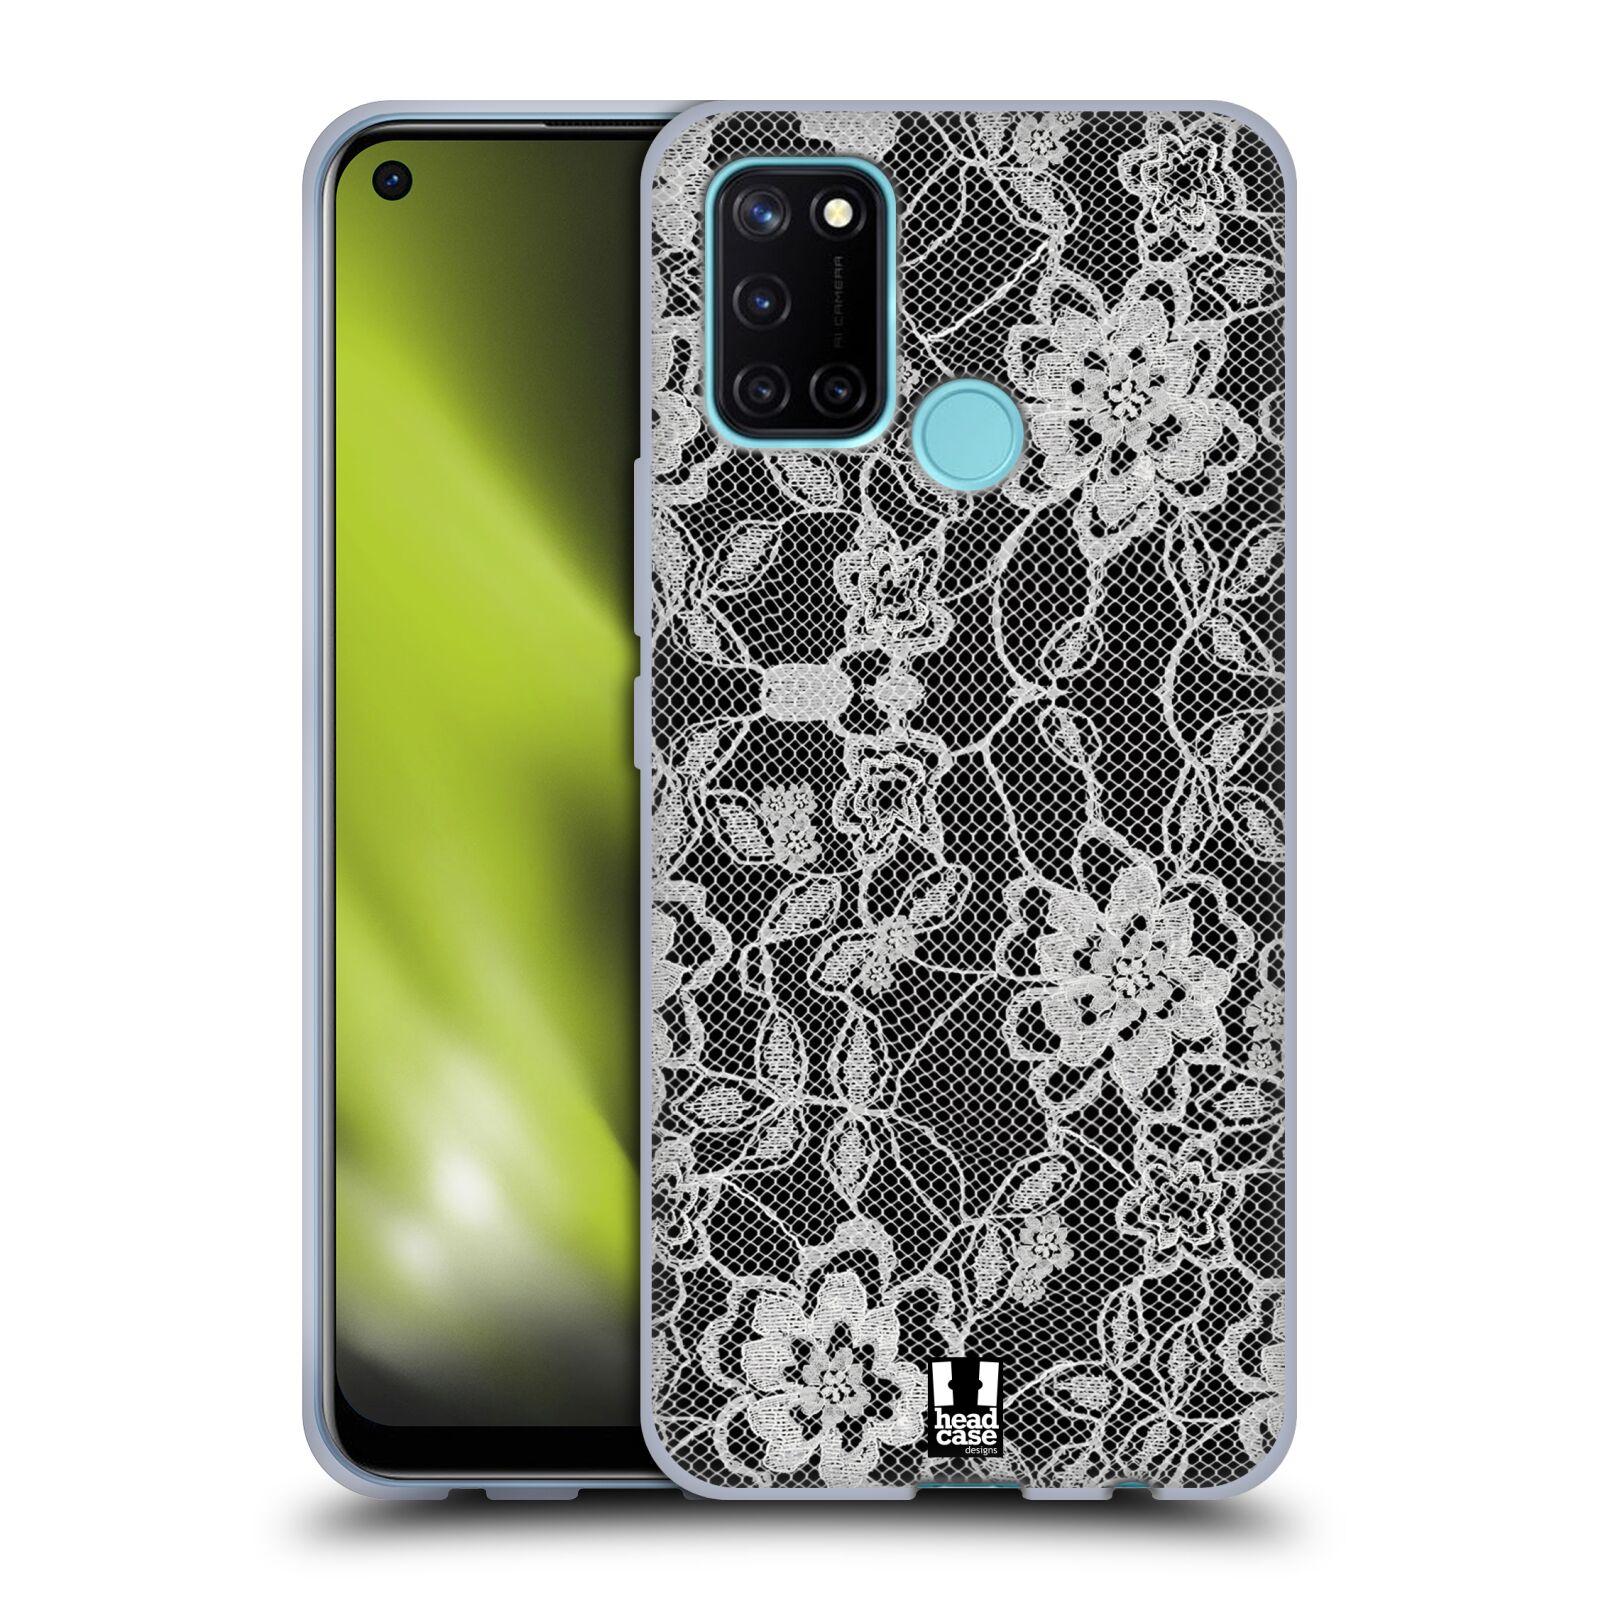 Silikonové pouzdro na mobil Realme 7i - Head Case - FLOWERY KRAJKA